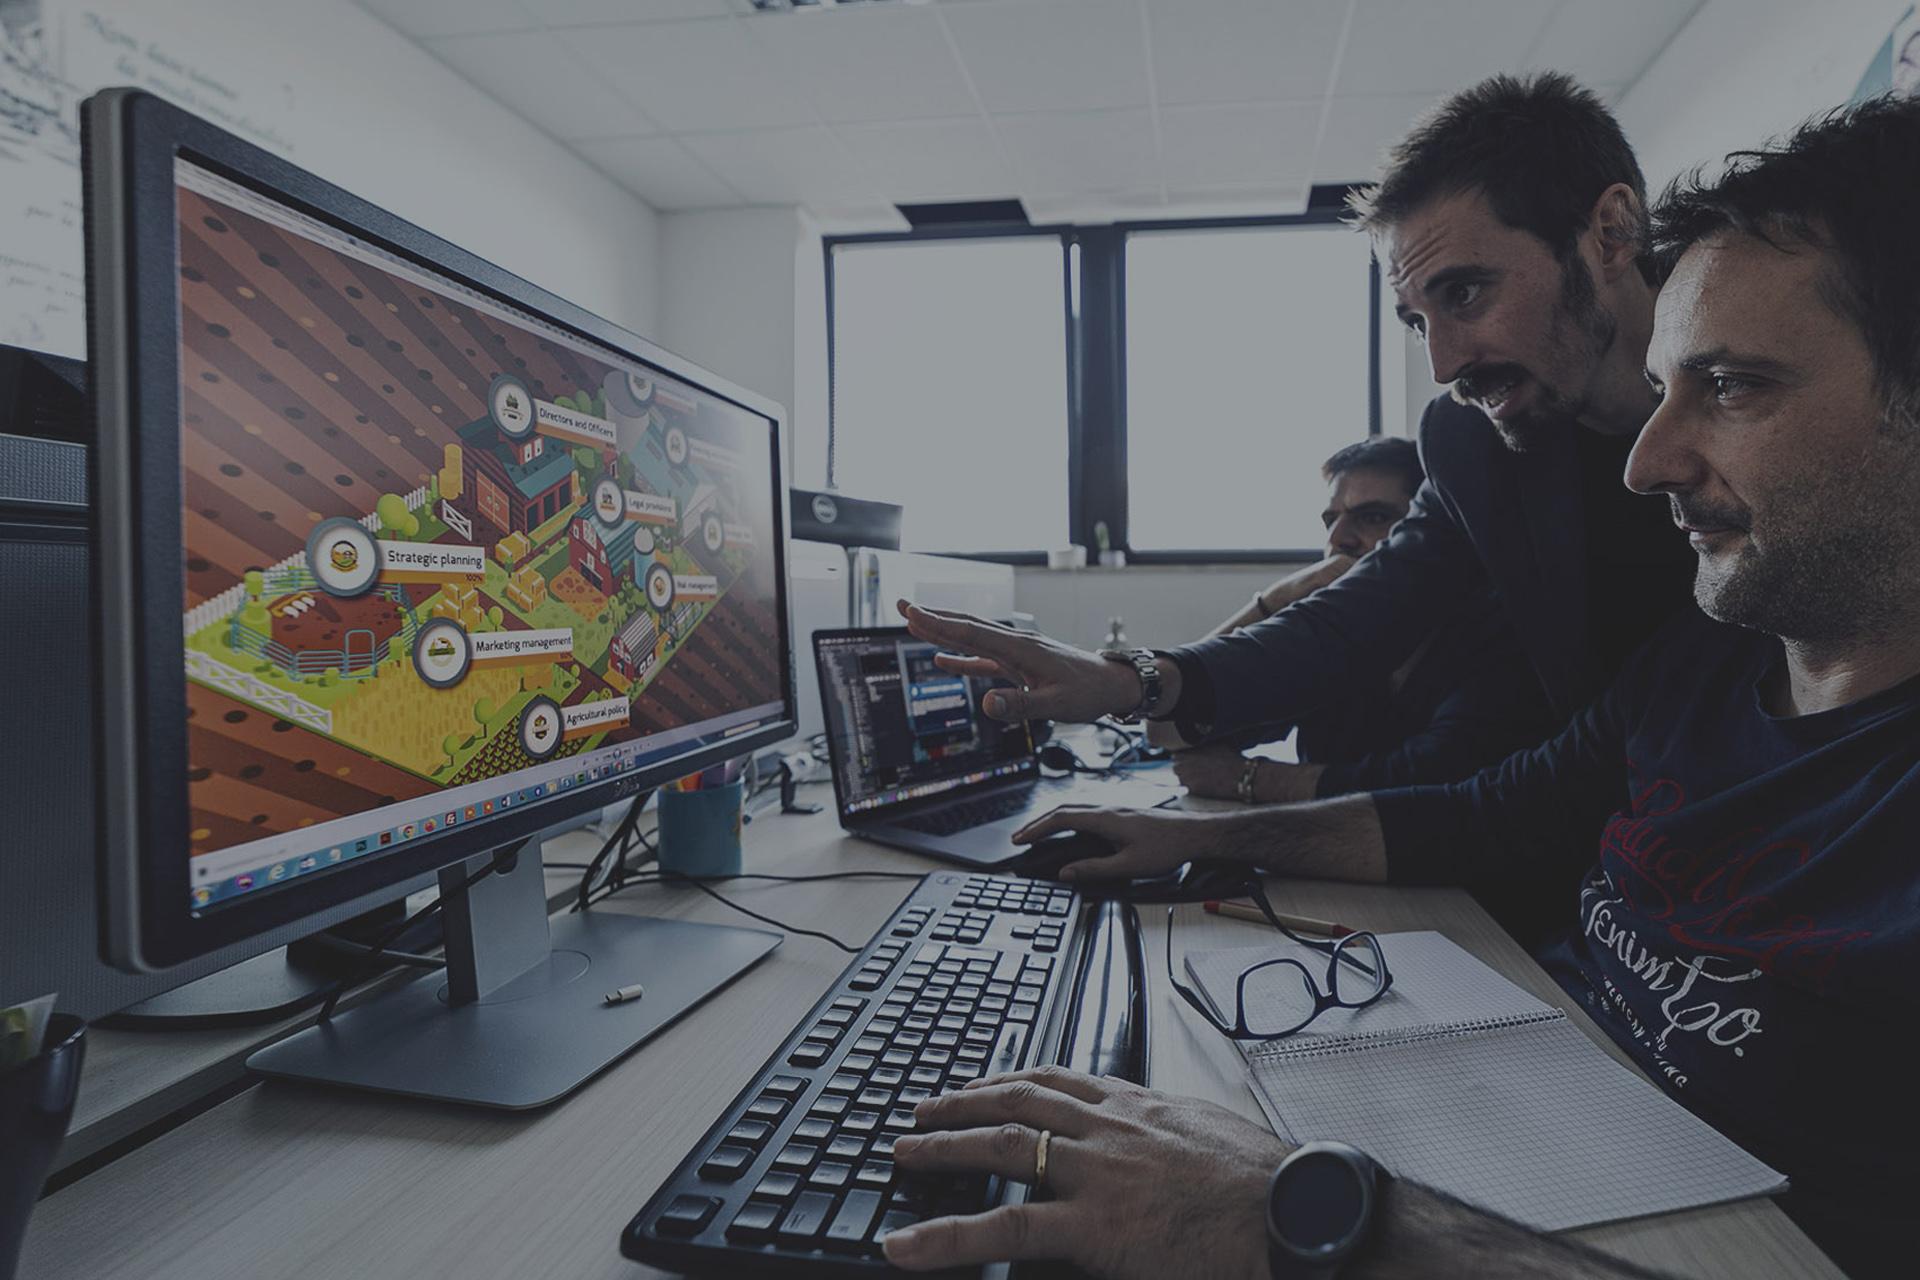 """Sviluppare le competenze sulla <span style=""""color: #b7232b;"""" class=""""underline custom"""">gestione aziendale</span>"""